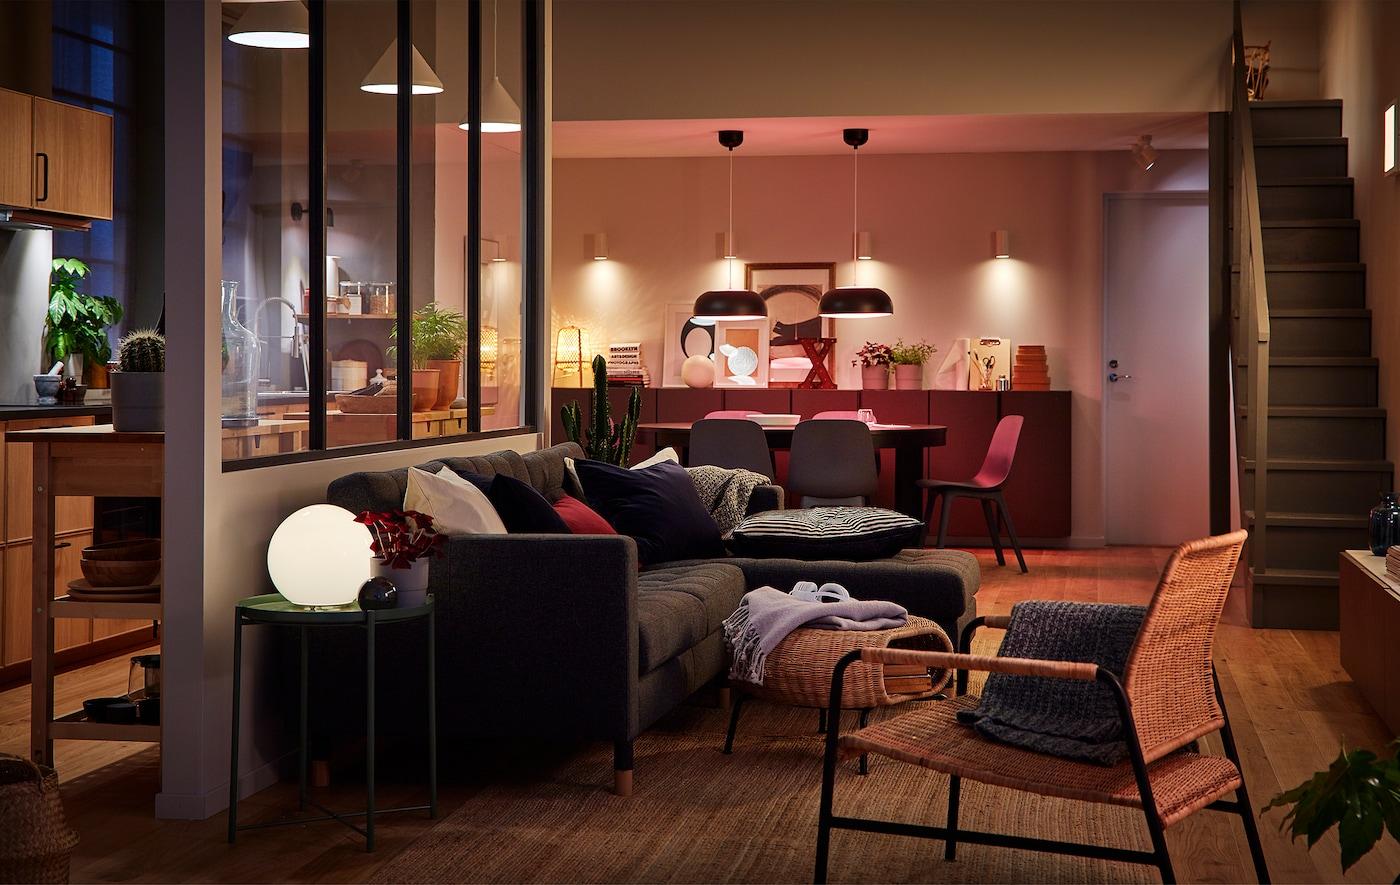 Sala ampla com cozinha. A separação entre o espaço de refeições e a sala é quase impercetível. Sala iluminada por várias fontes de luz.